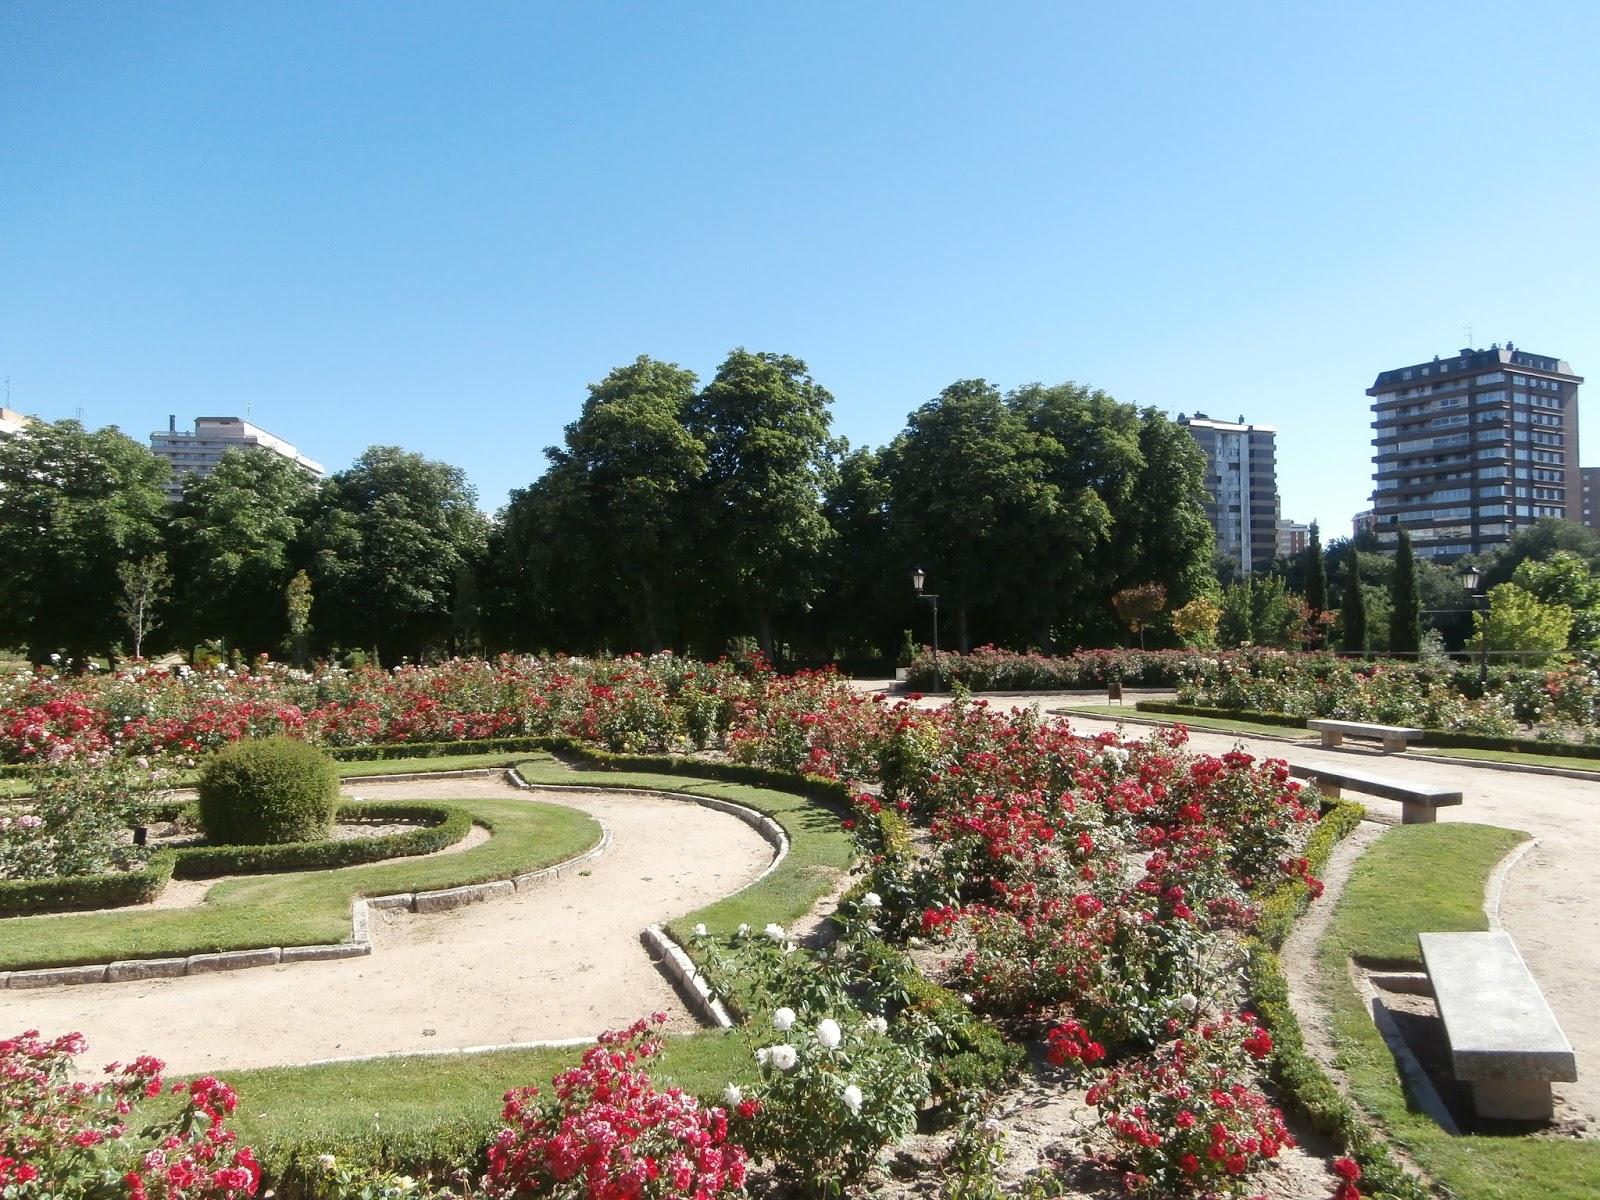 Metido en jardines rosaleda de valladolid for Jardines zen valladolid